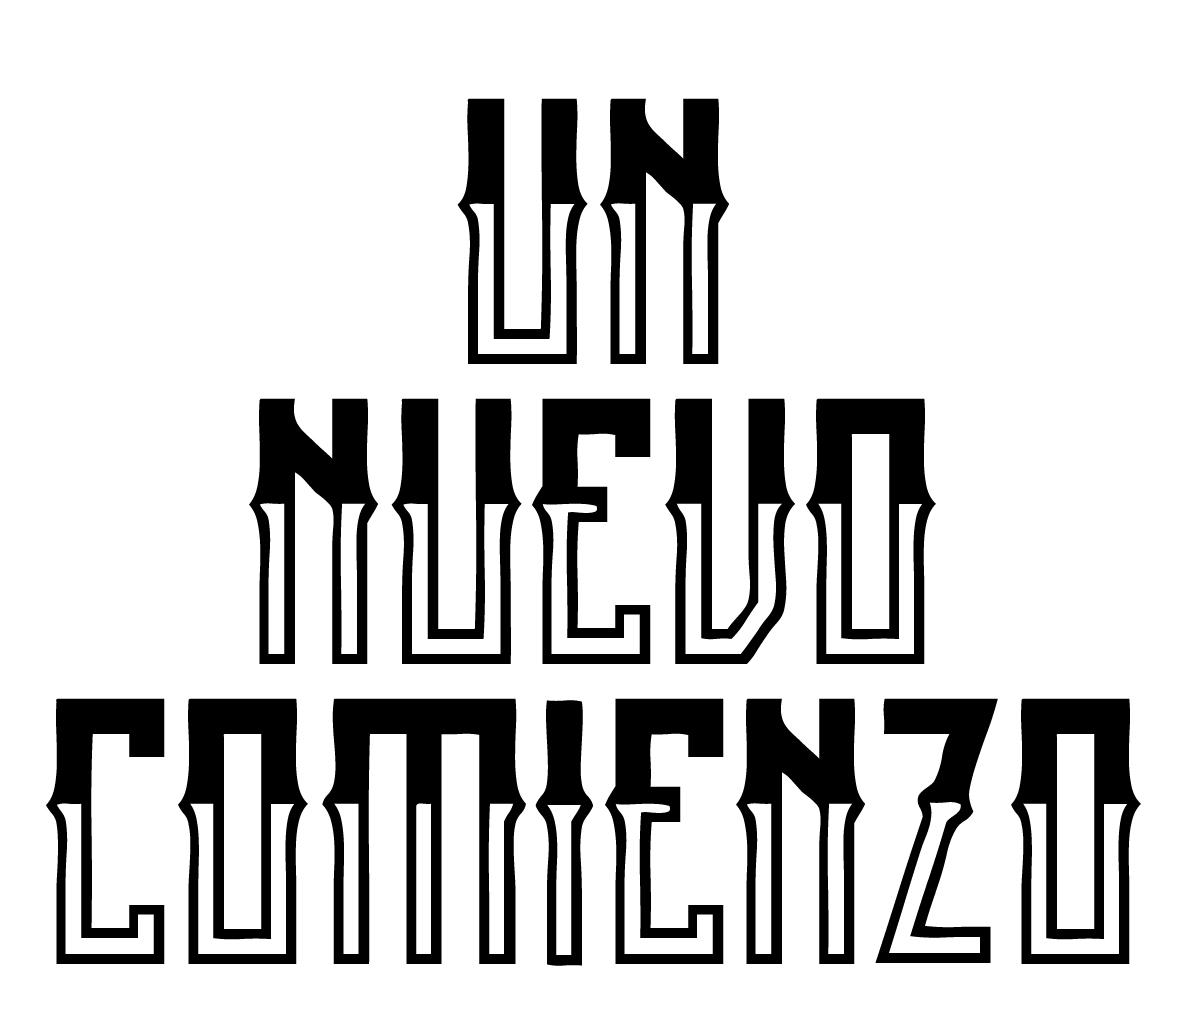 UNC Logos-Finals-03